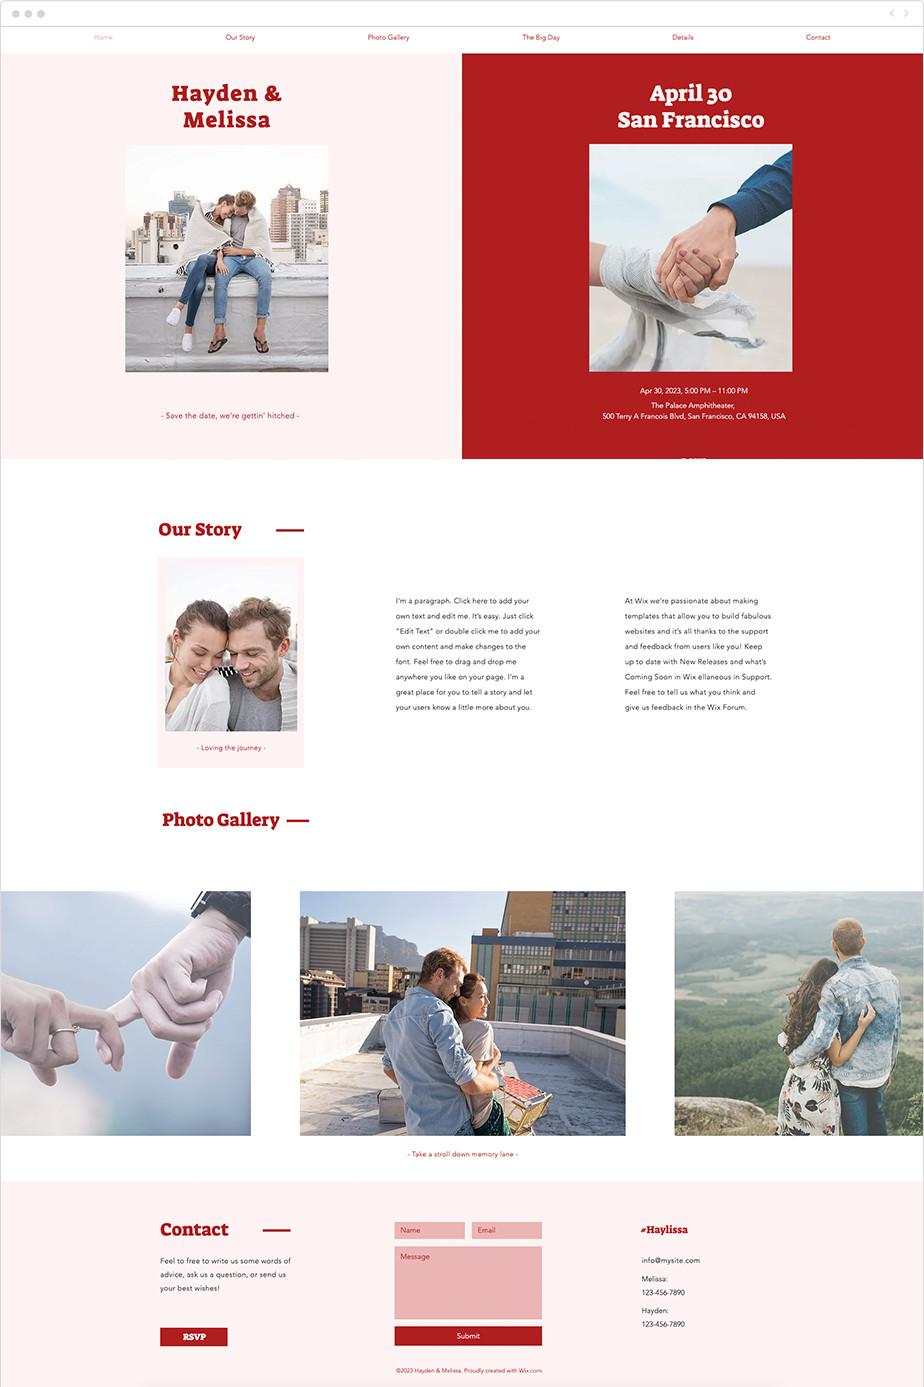 Plantilla Wix para página web de anuncio de fecha de boda